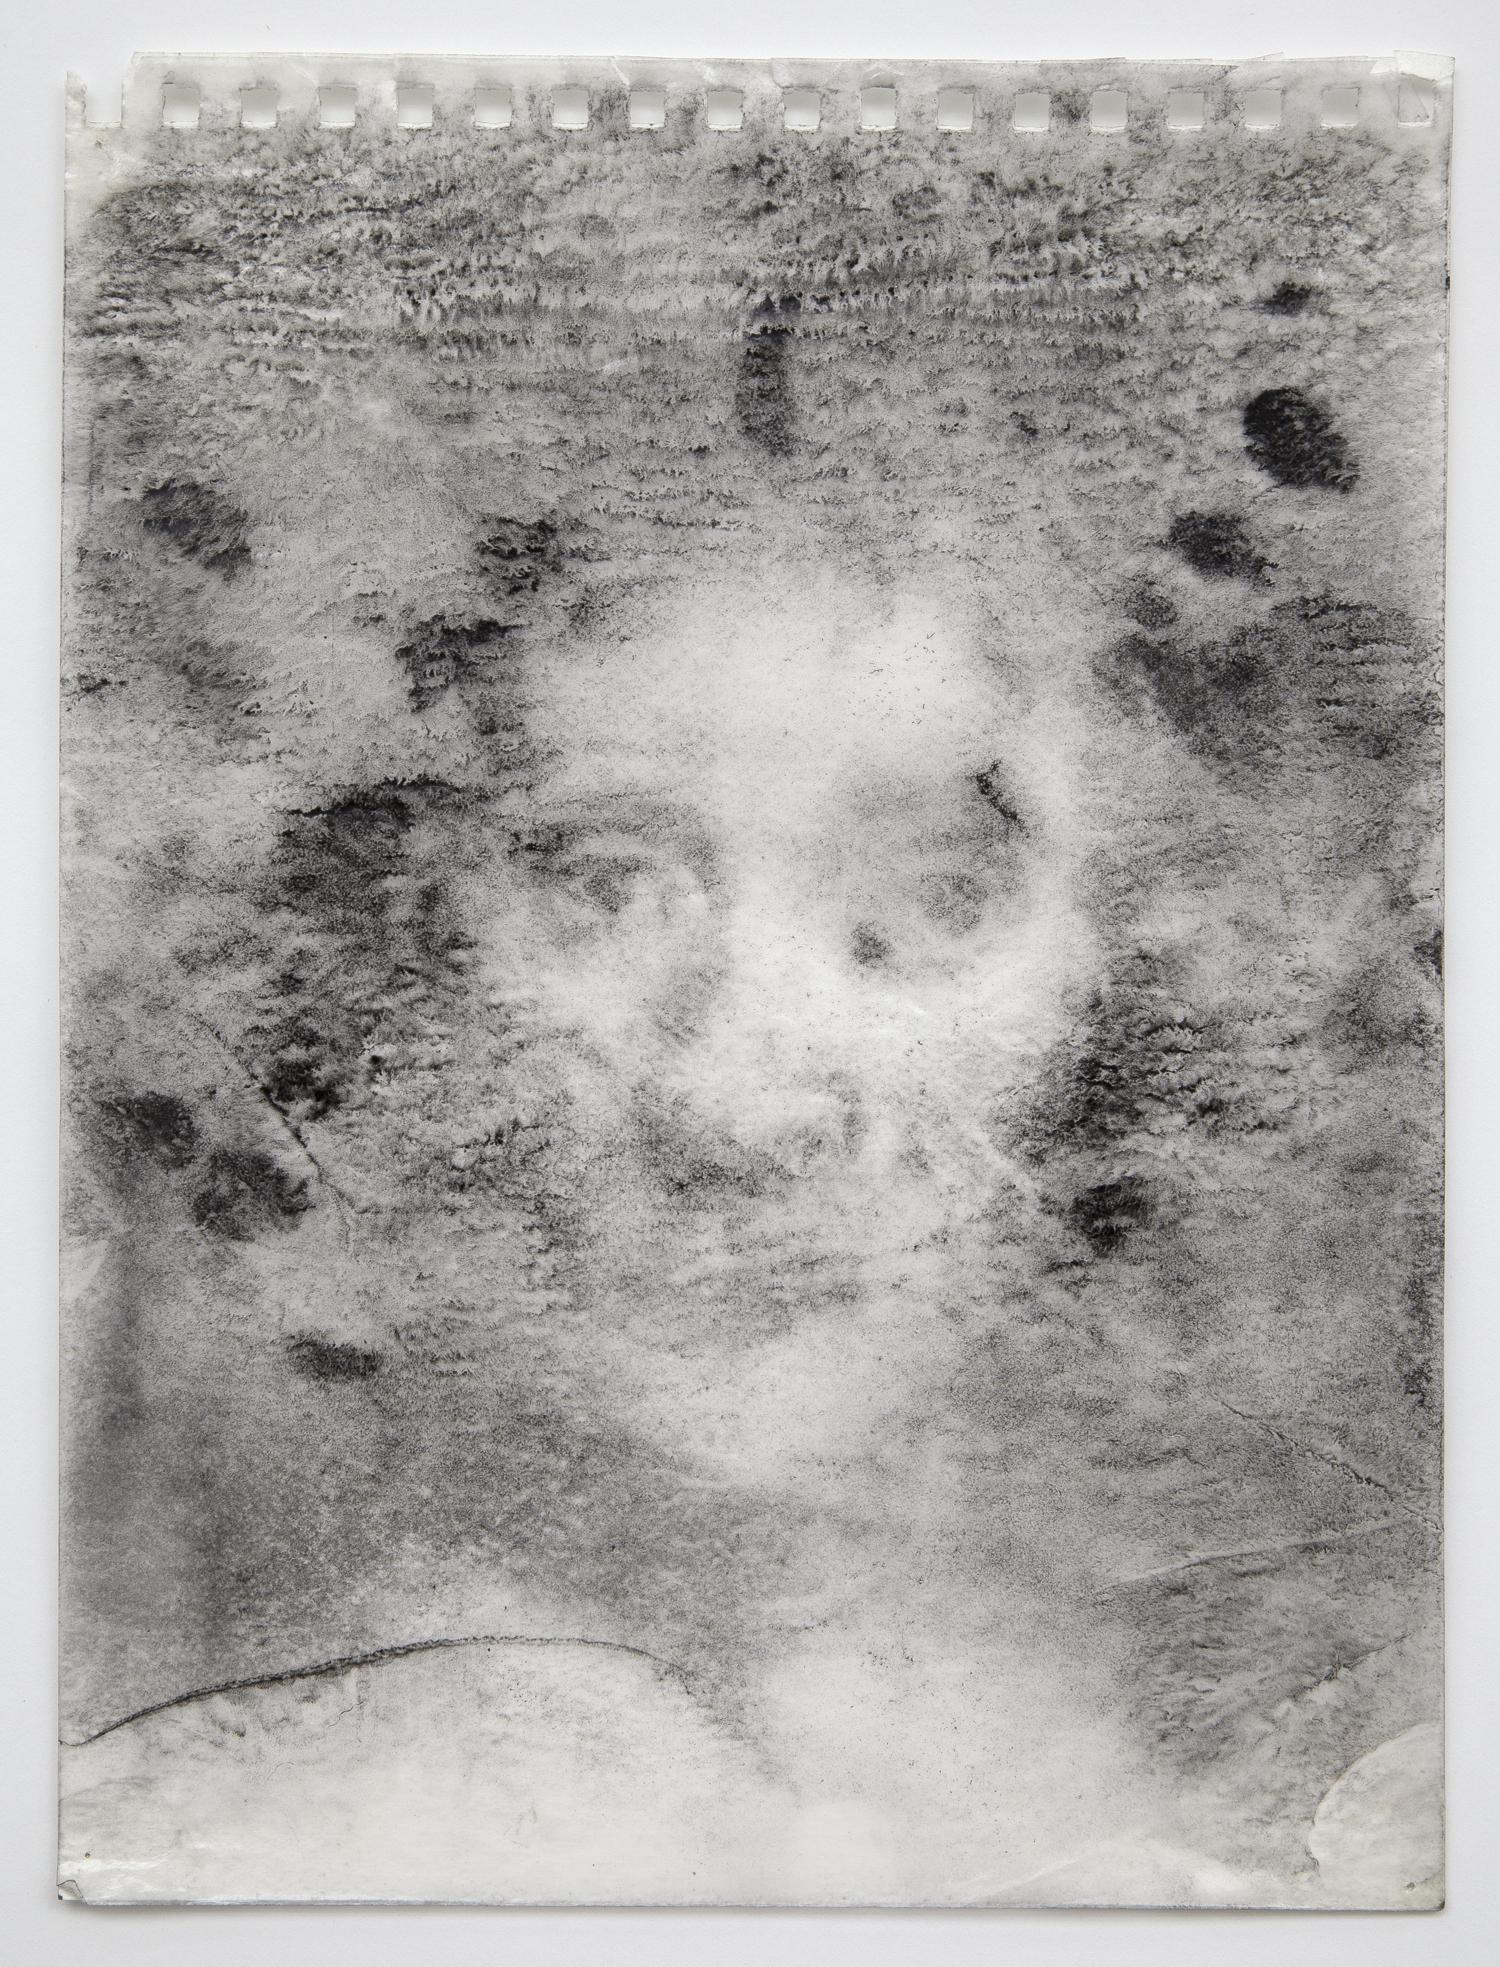 Interleaf Drawing (after Rembrandt), 2012